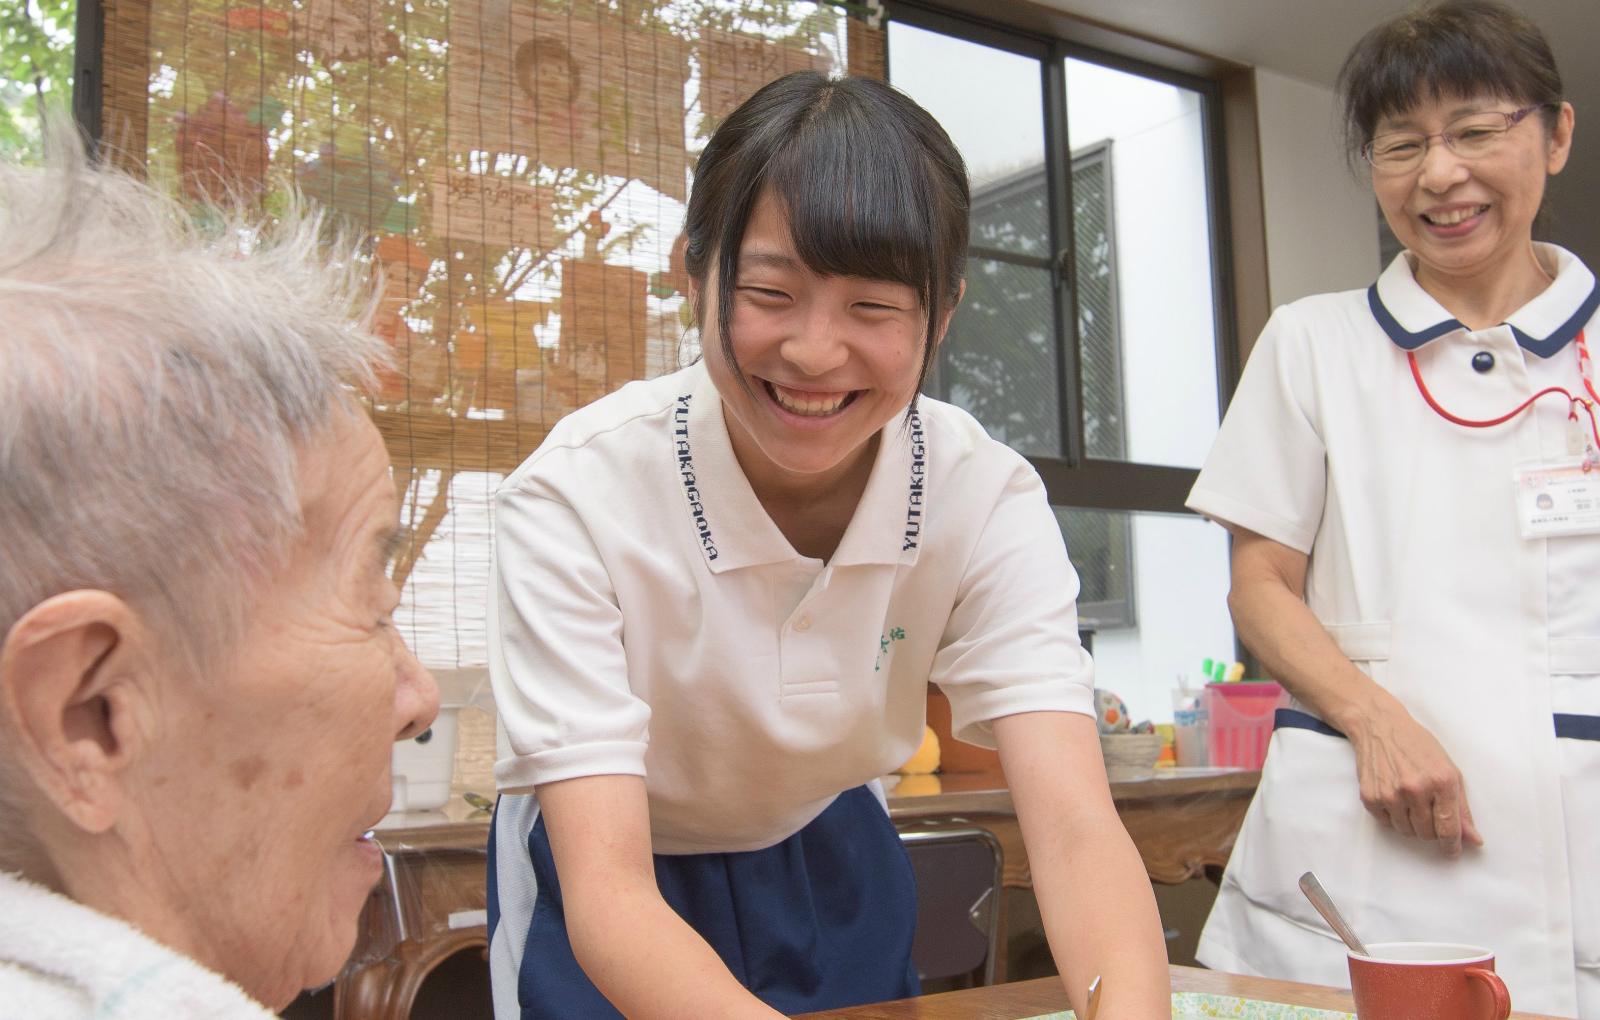 安易な「給付型奨学金」導入で見えなくなる本質的な日本の教育問題とは?-キャリア教育と10代から働ける環境の再構築こそ急務